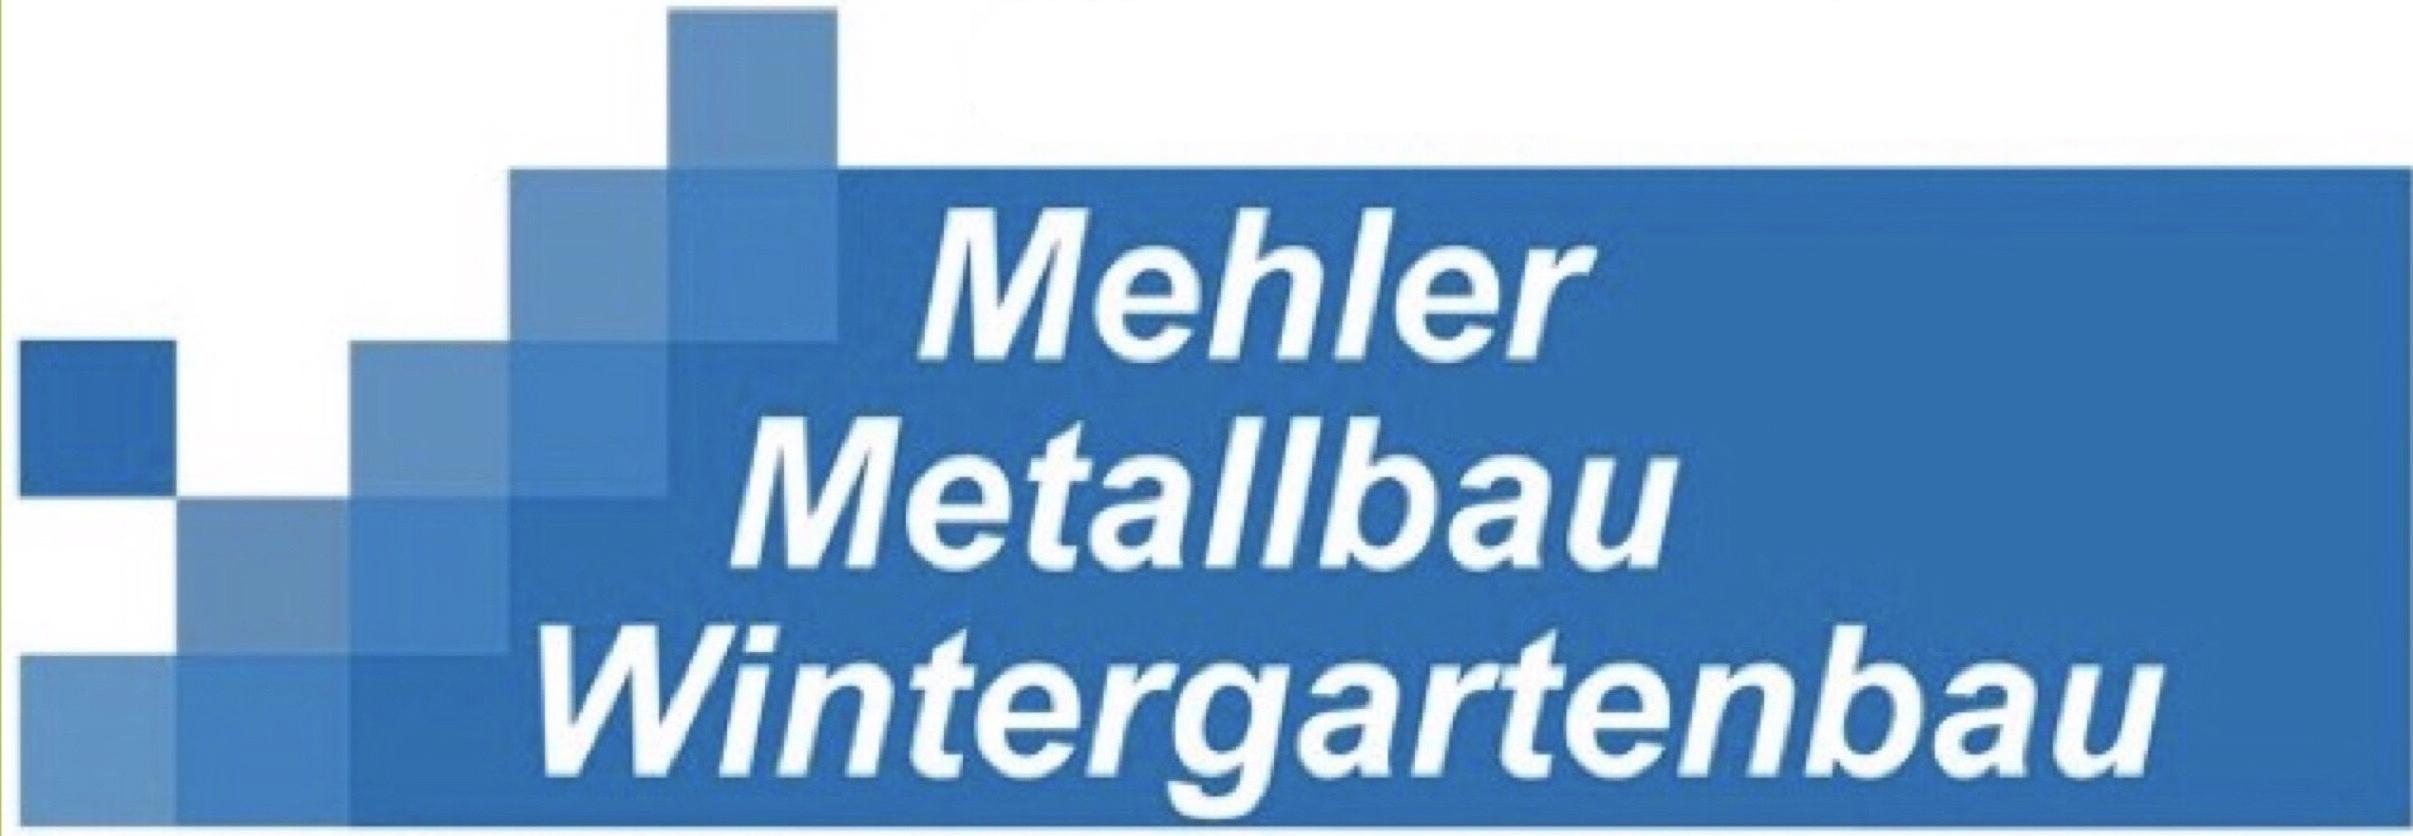 Mehler Metallbau